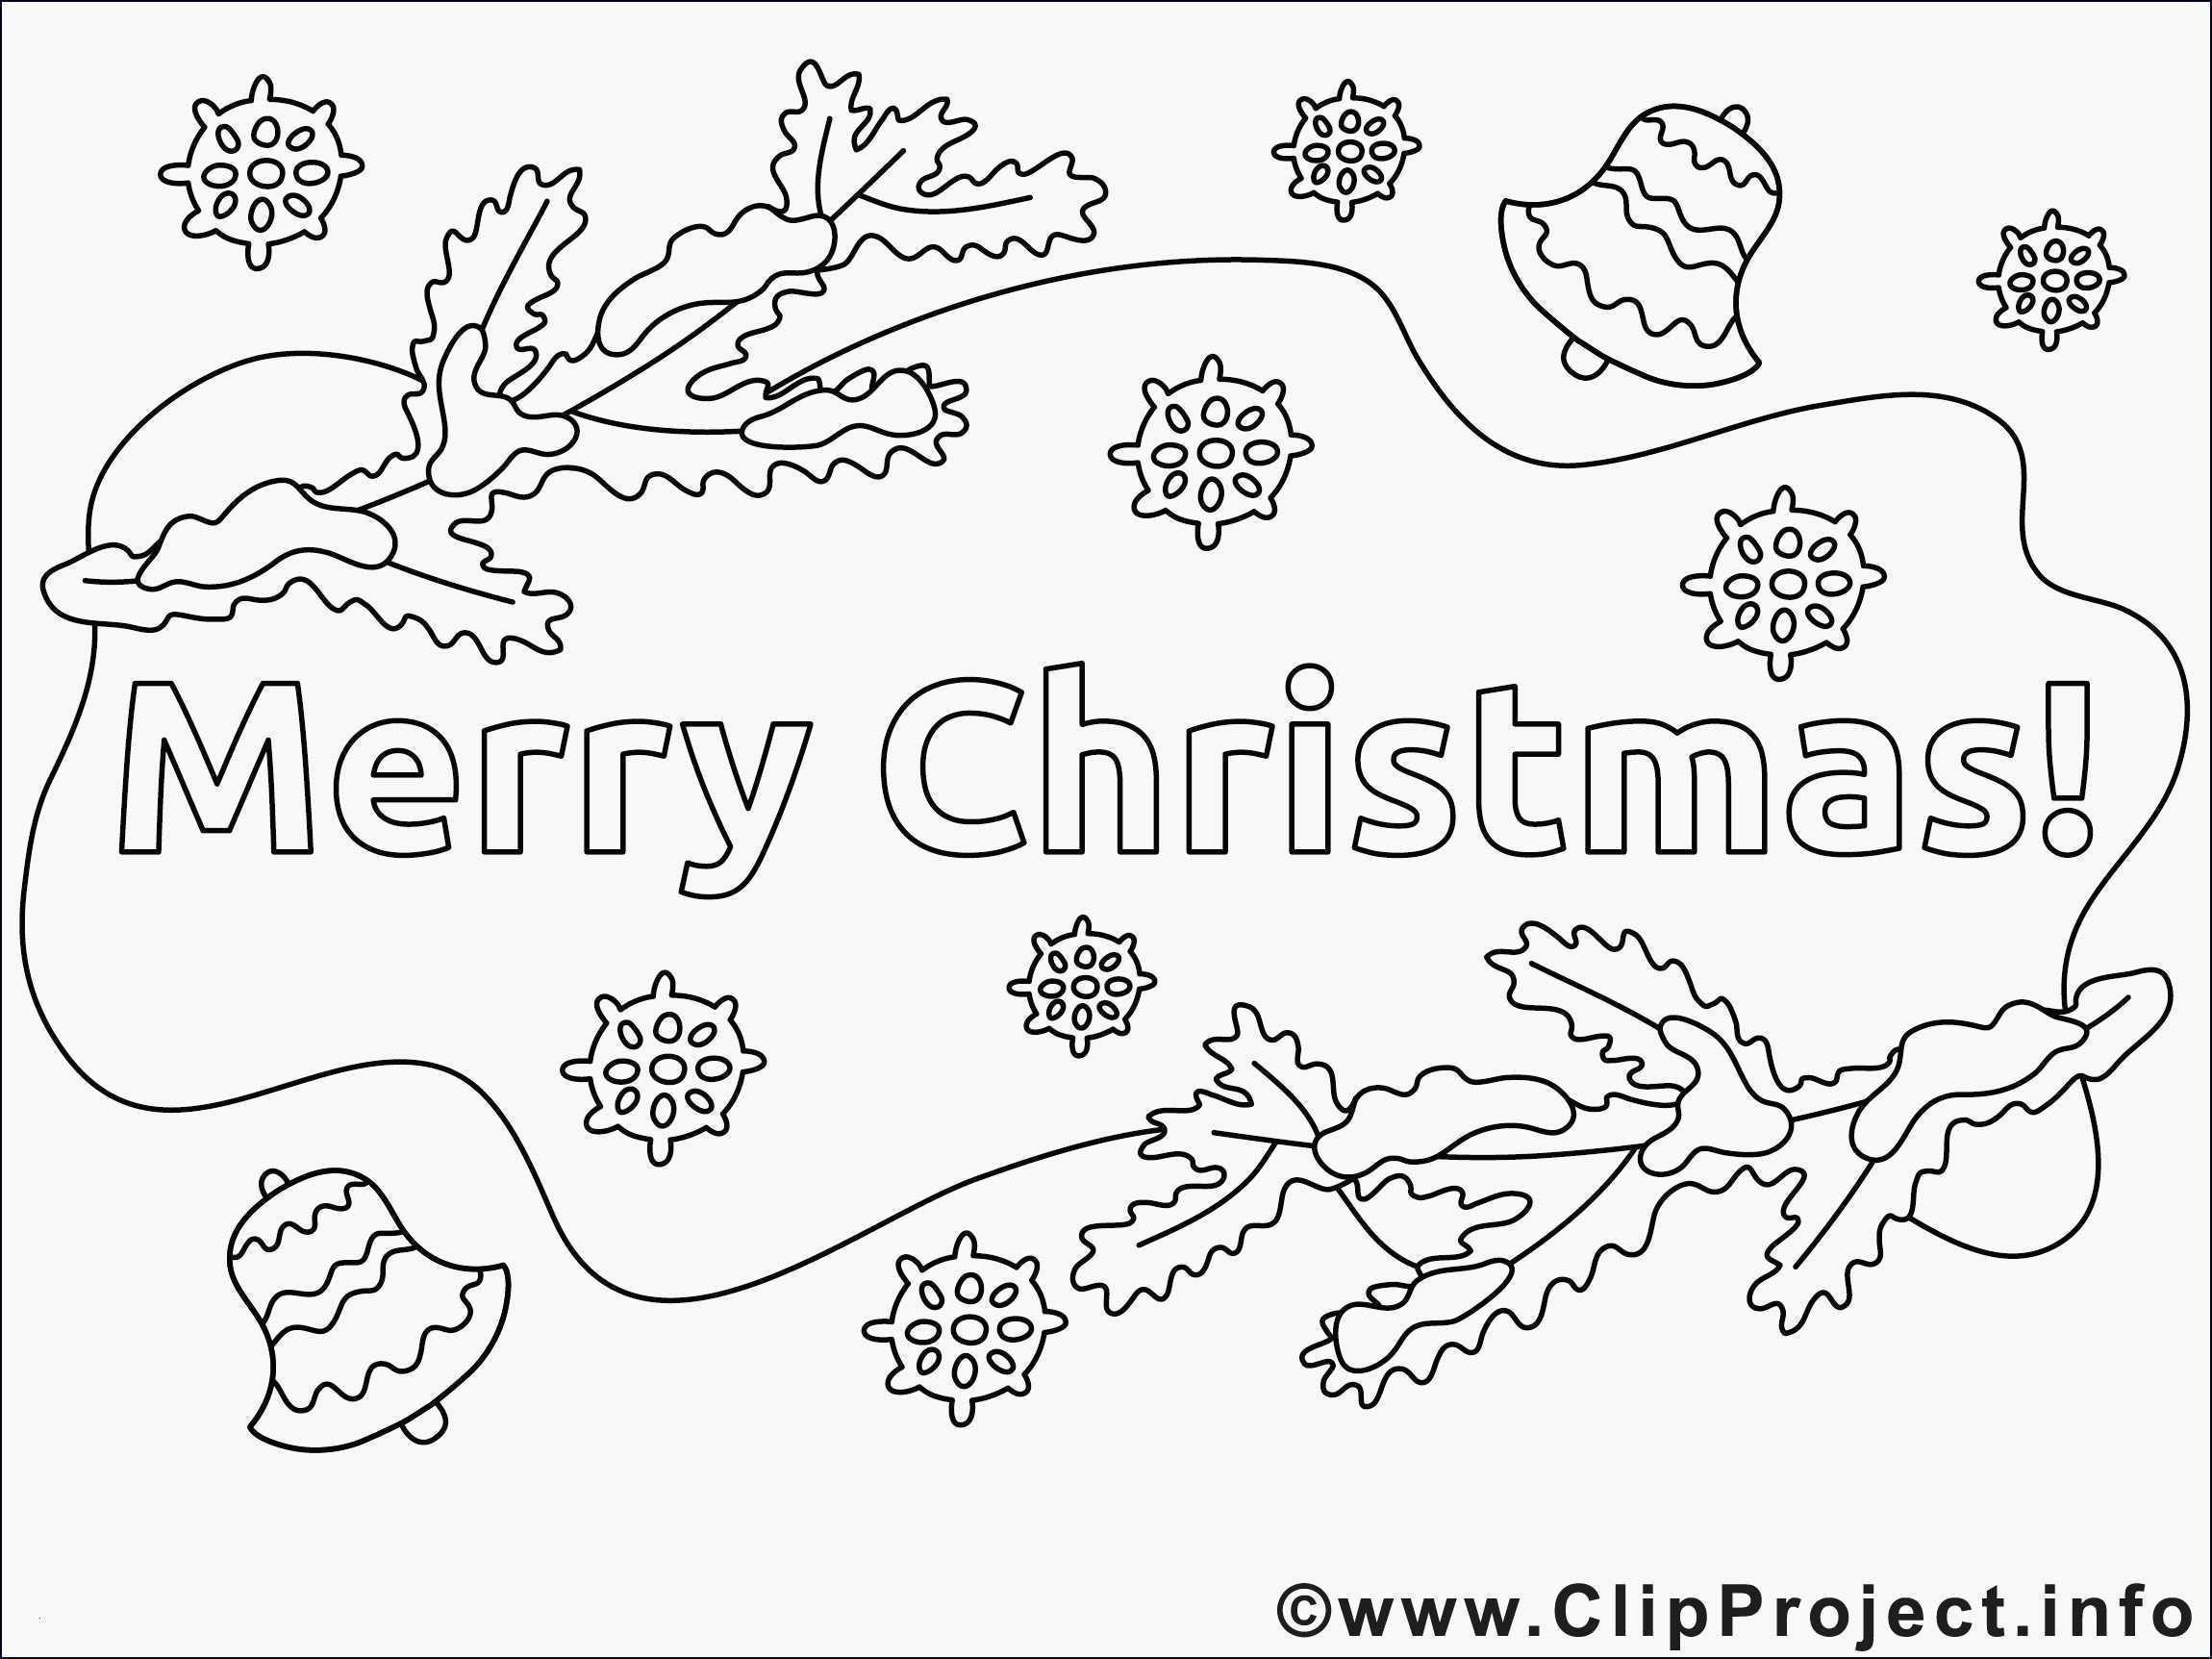 Ausmalbilder Weihnachten Schneeflocke Frisch Window Color Vorlagen Weihnachten Schneeflocke Aufnahme Malvorlagen Bilder